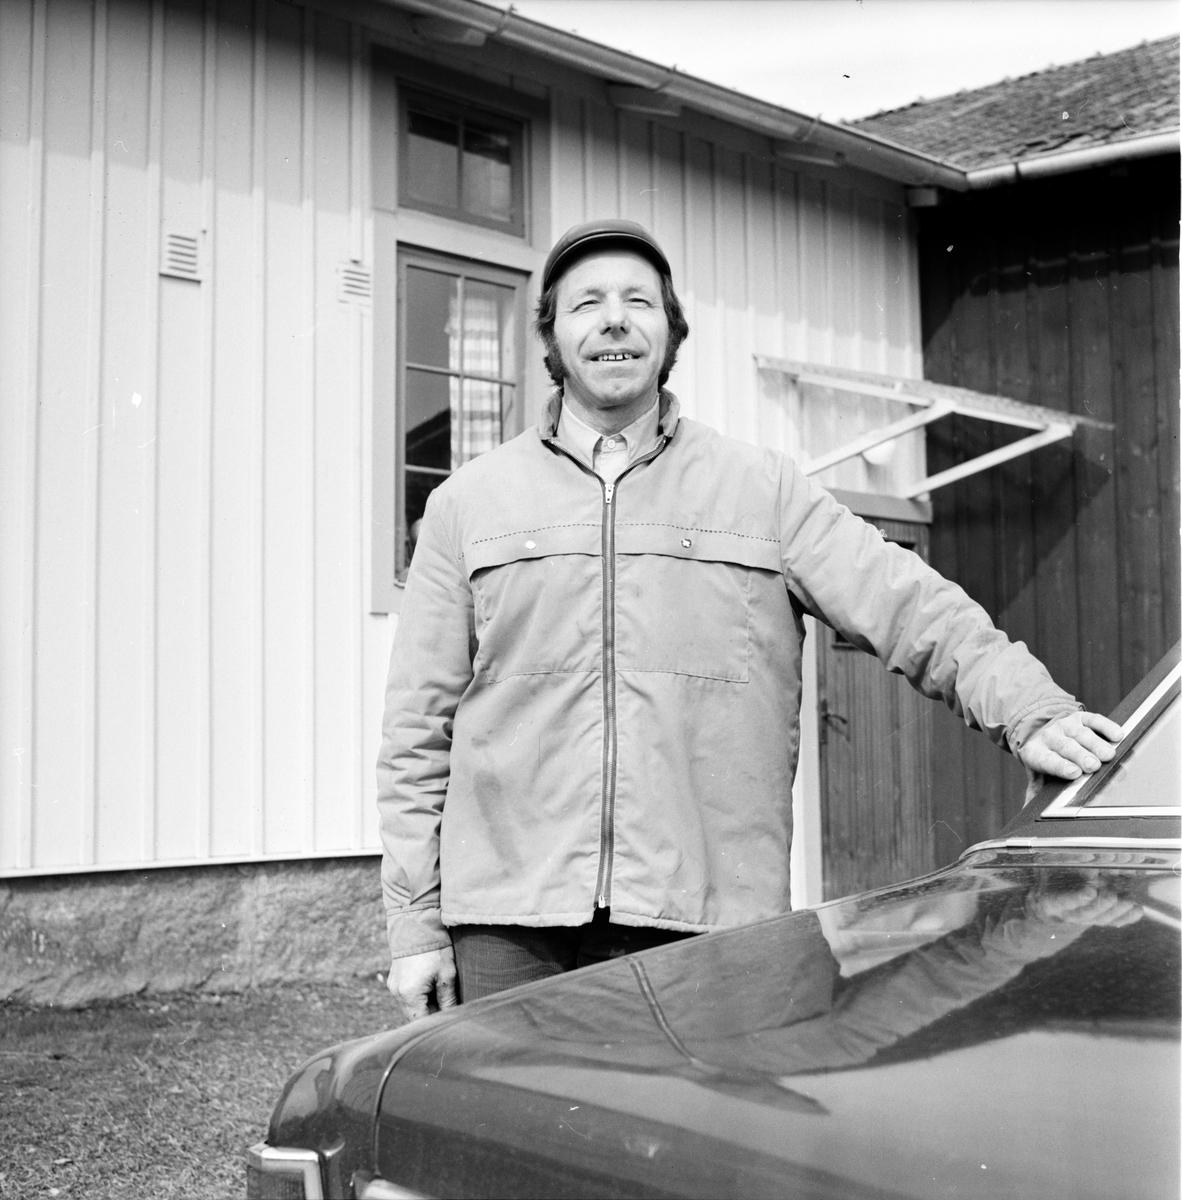 Arbrå, Gösta Asplin, April 1973